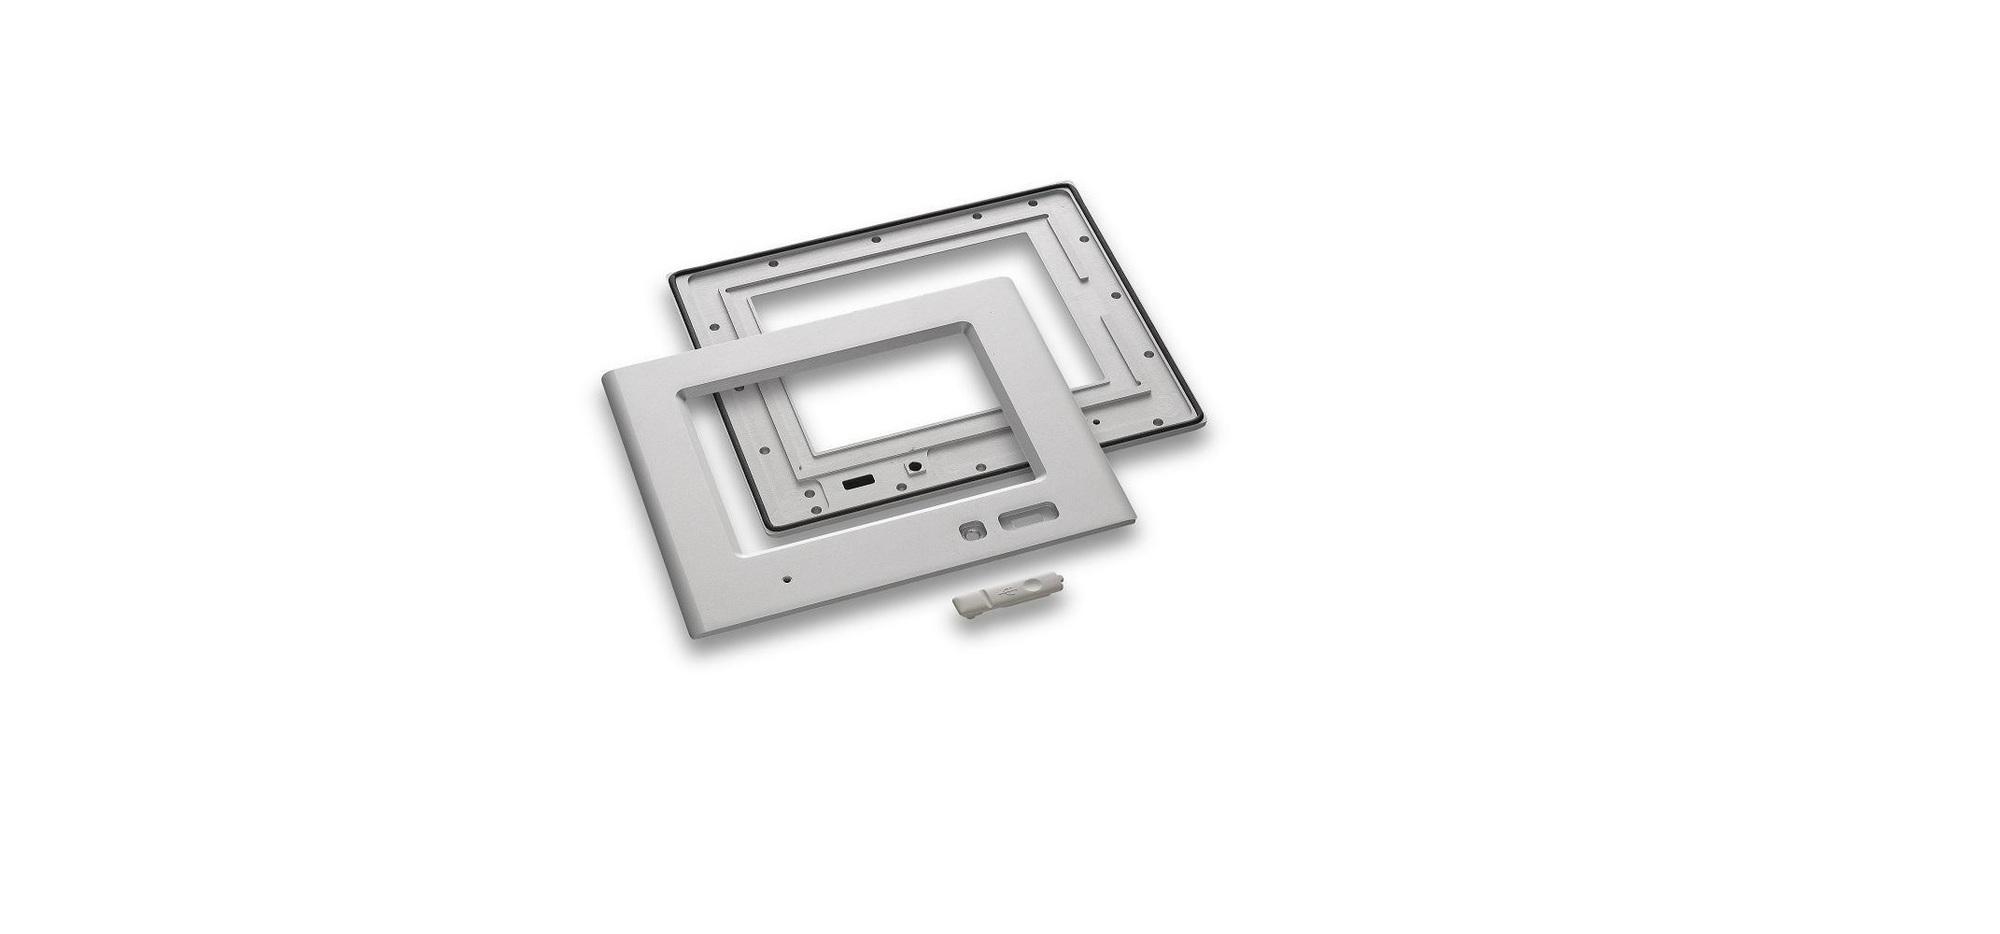 Edelstahl-Bedienfront - Front- und Innenseite mit Revisionsklappe für USB